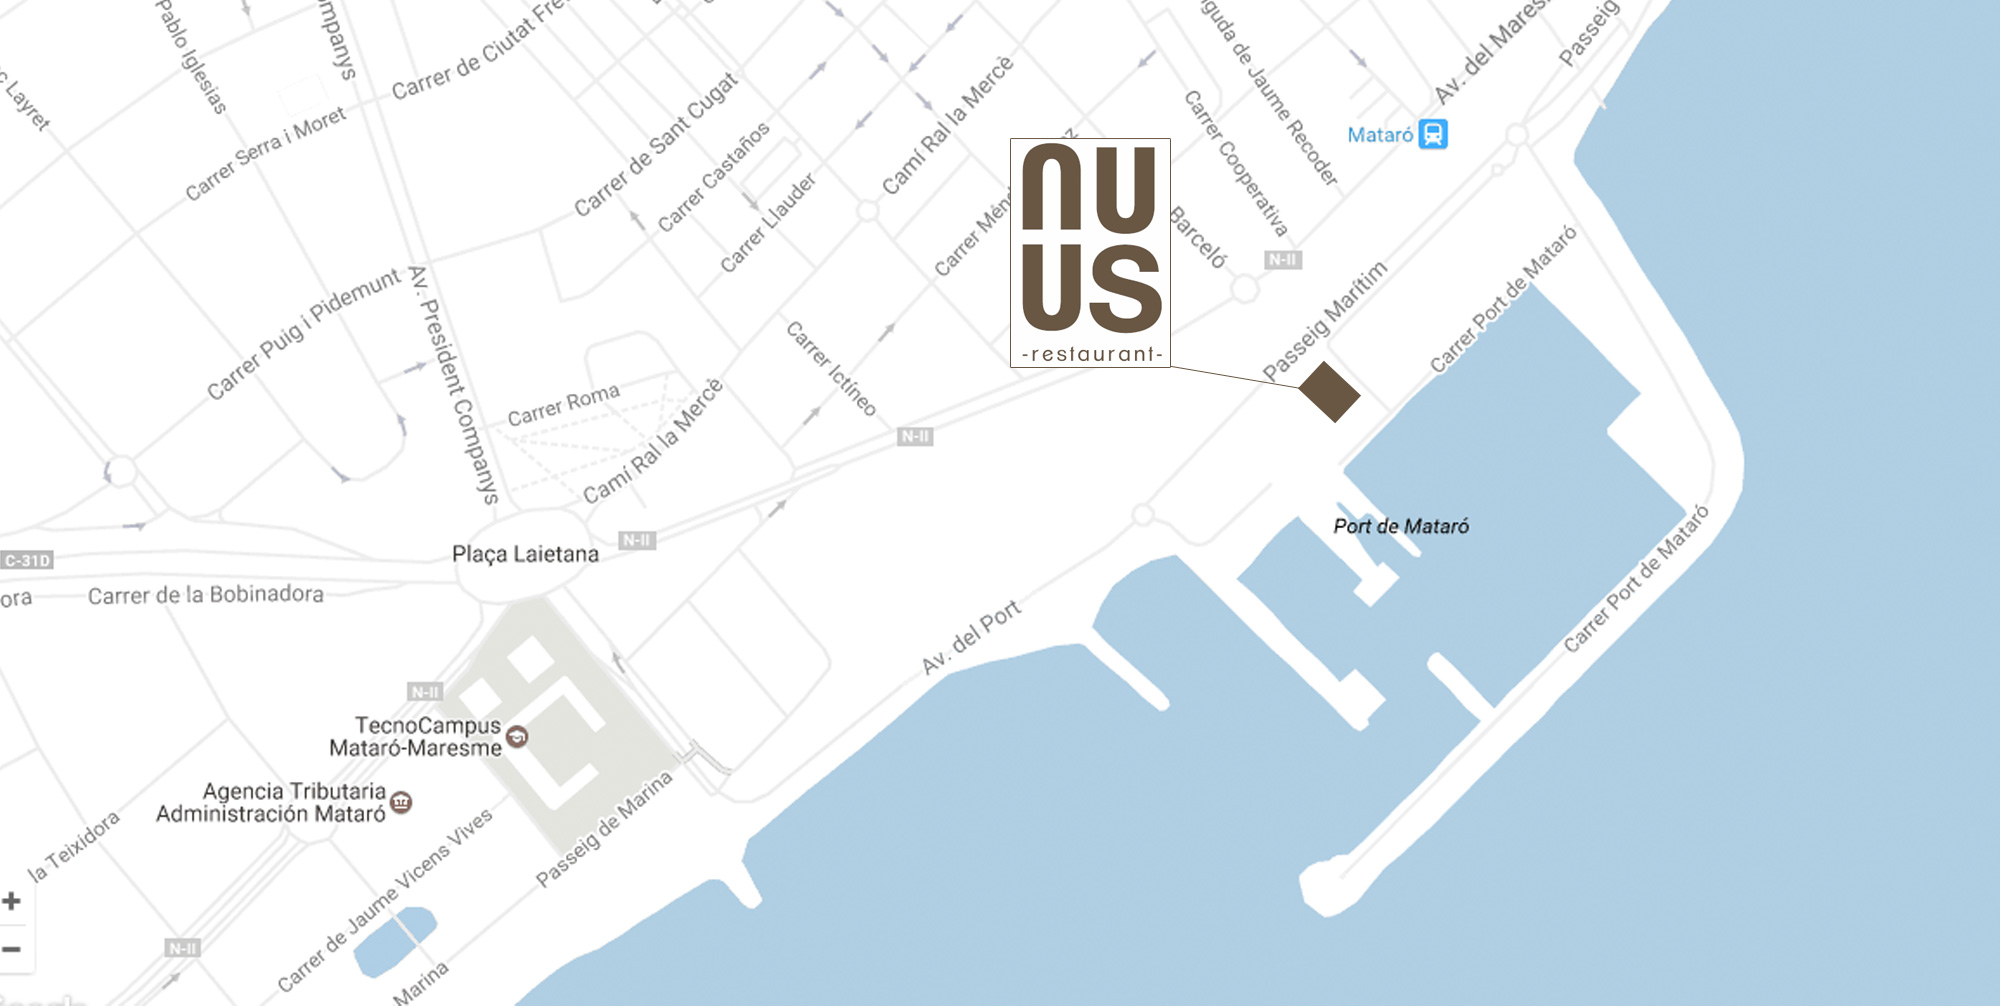 Nuus Restaurant